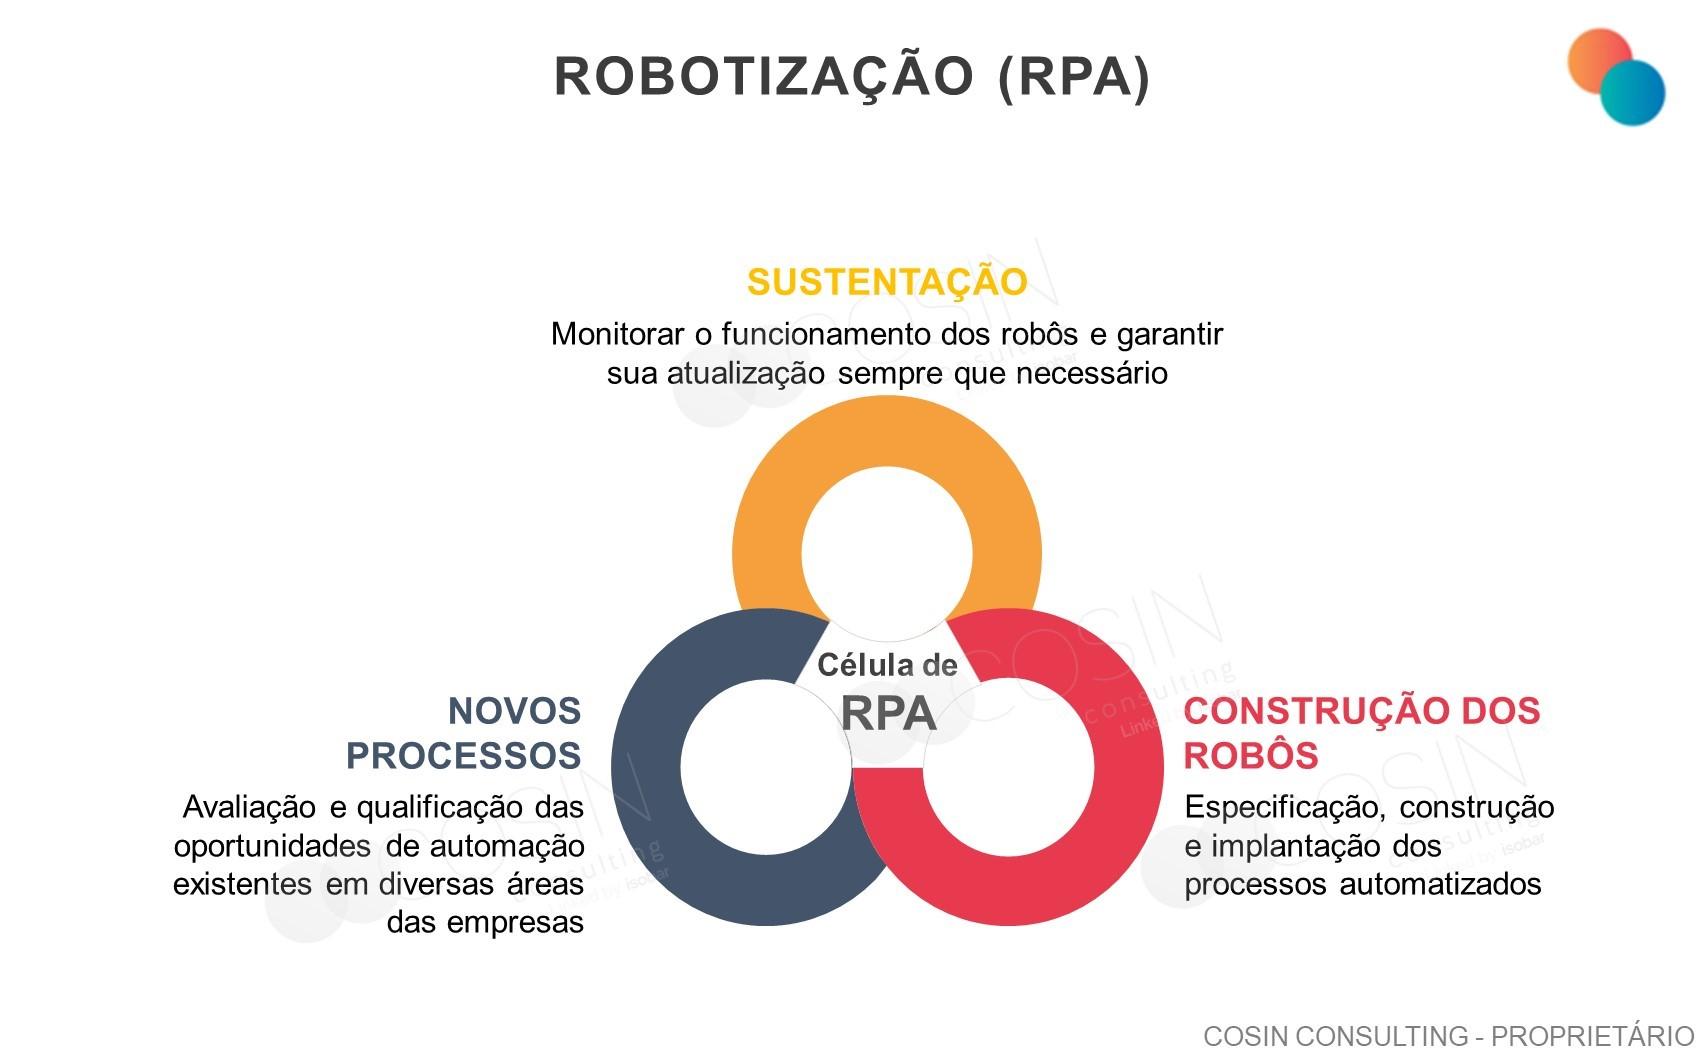 Framework que ilustra a visão da Cosin Consulting sobre Robotização (RPA)